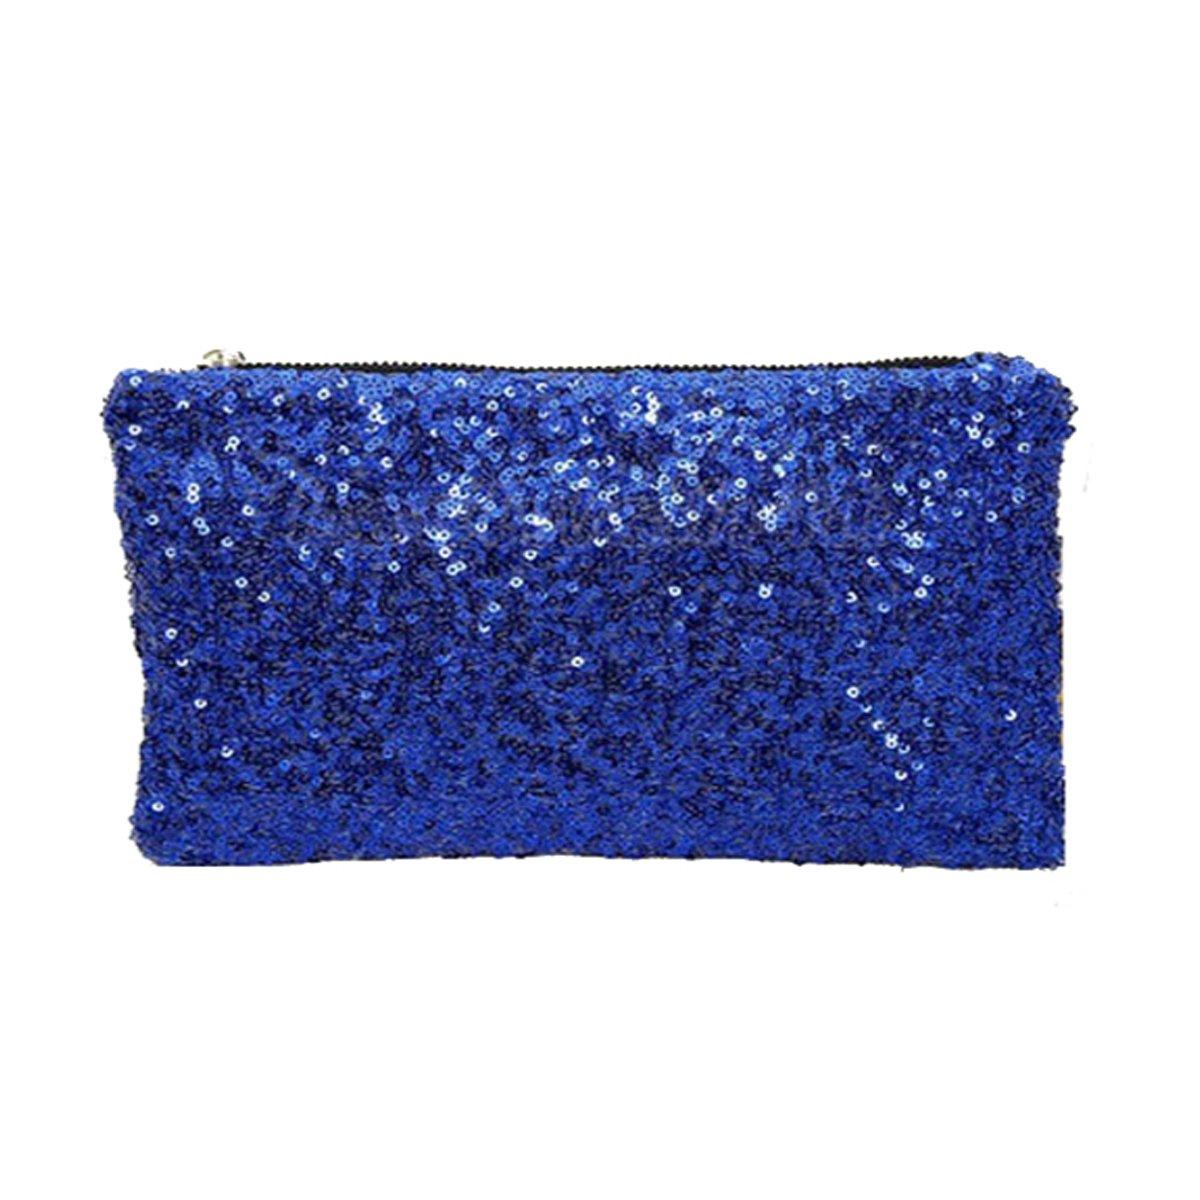 Pailletten Clutch Luxus Mode Elegante Damen Handtasche Stoff Abendtasche mit 3 Seitenfä chern hochwertige Schultertasche Umhä ngtasche Damentasche 4060131051315